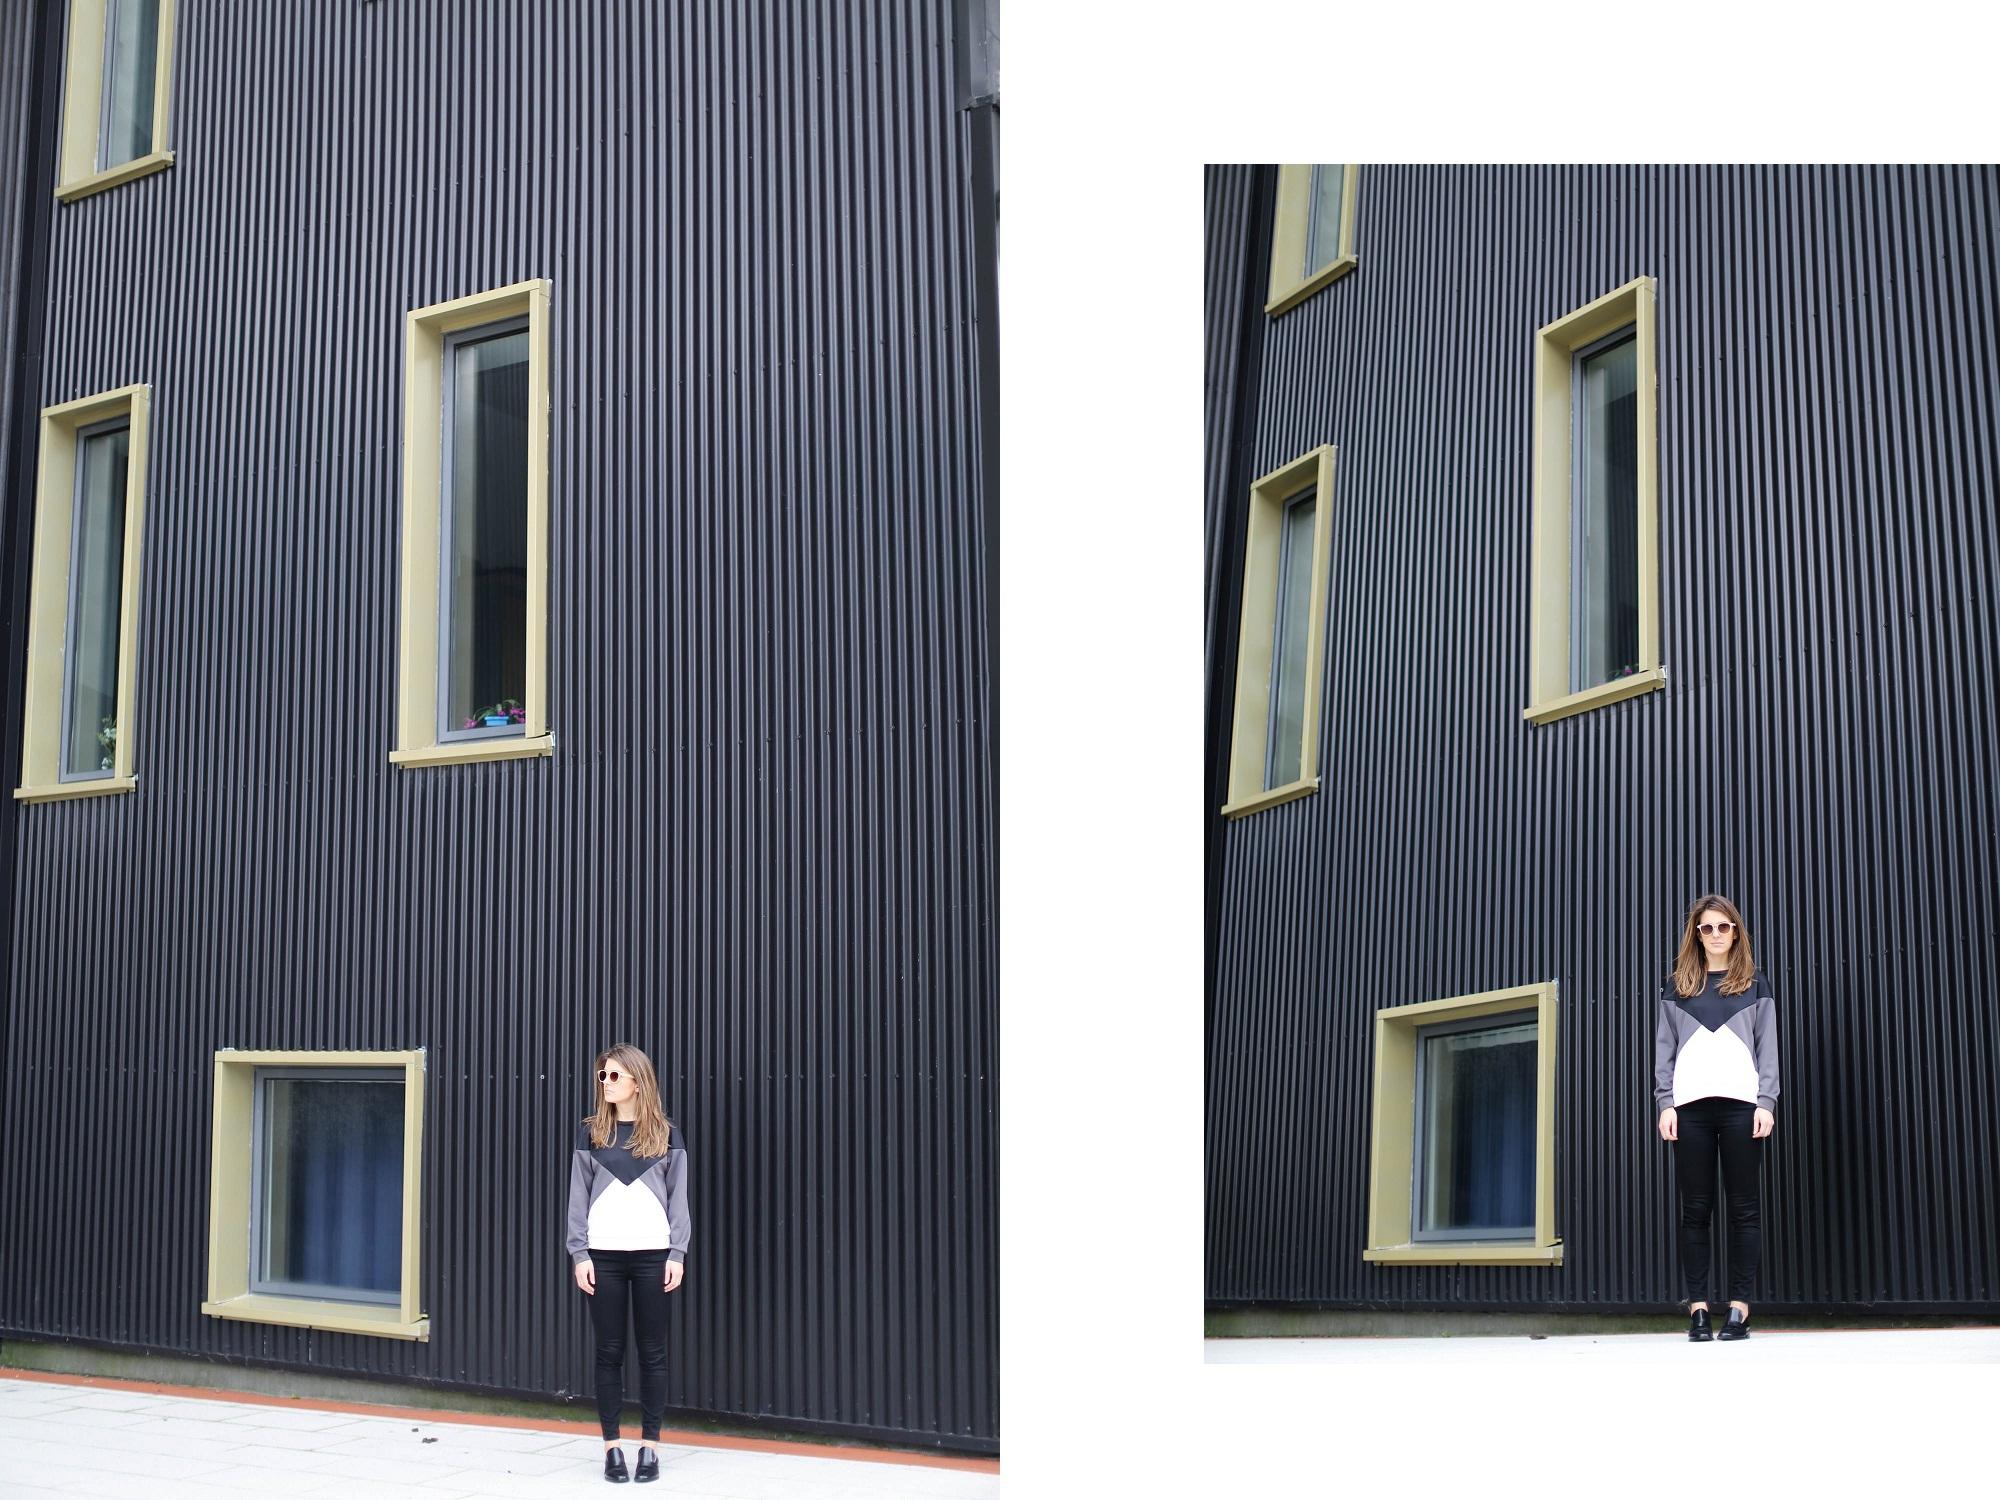 Clochet-streetstyle-suiteblanco-neoprene-sweatshirt-lykke-li-loafers-17